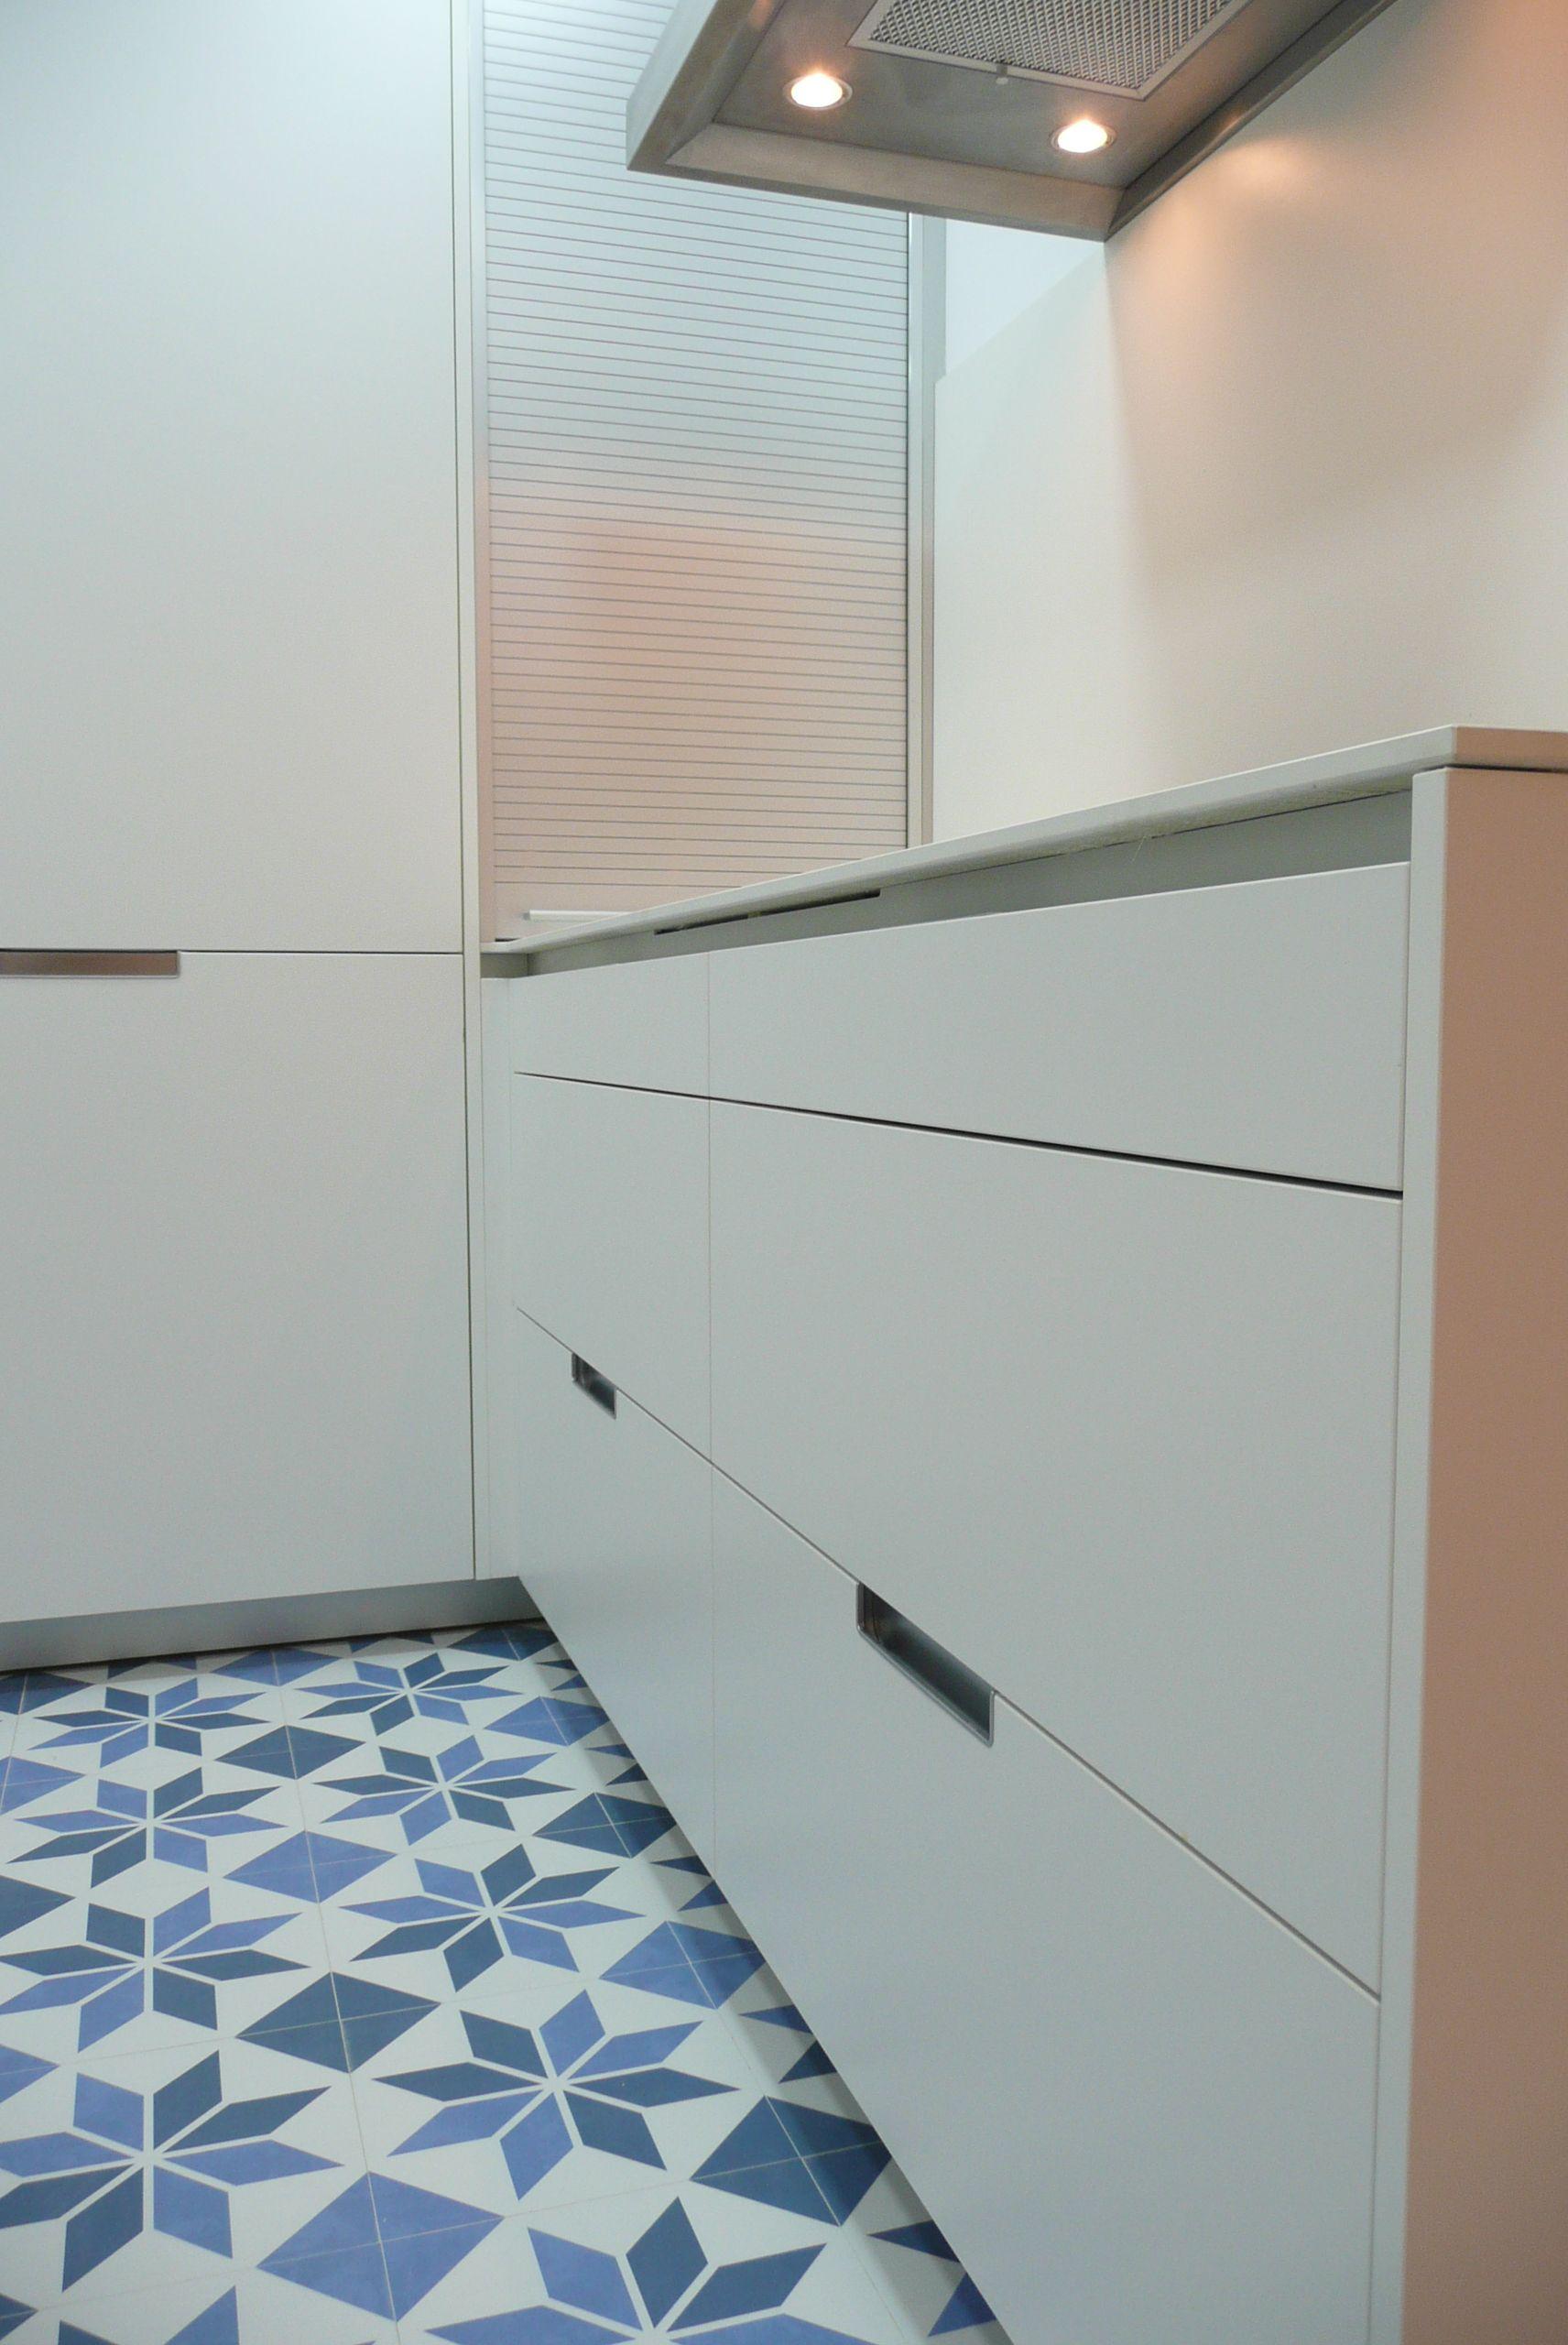 Cocina santos cajoneras de 90cm con 3 gavetas serie minos e ventilaci n en gola para inducci n - Cajoneras de cocina ...